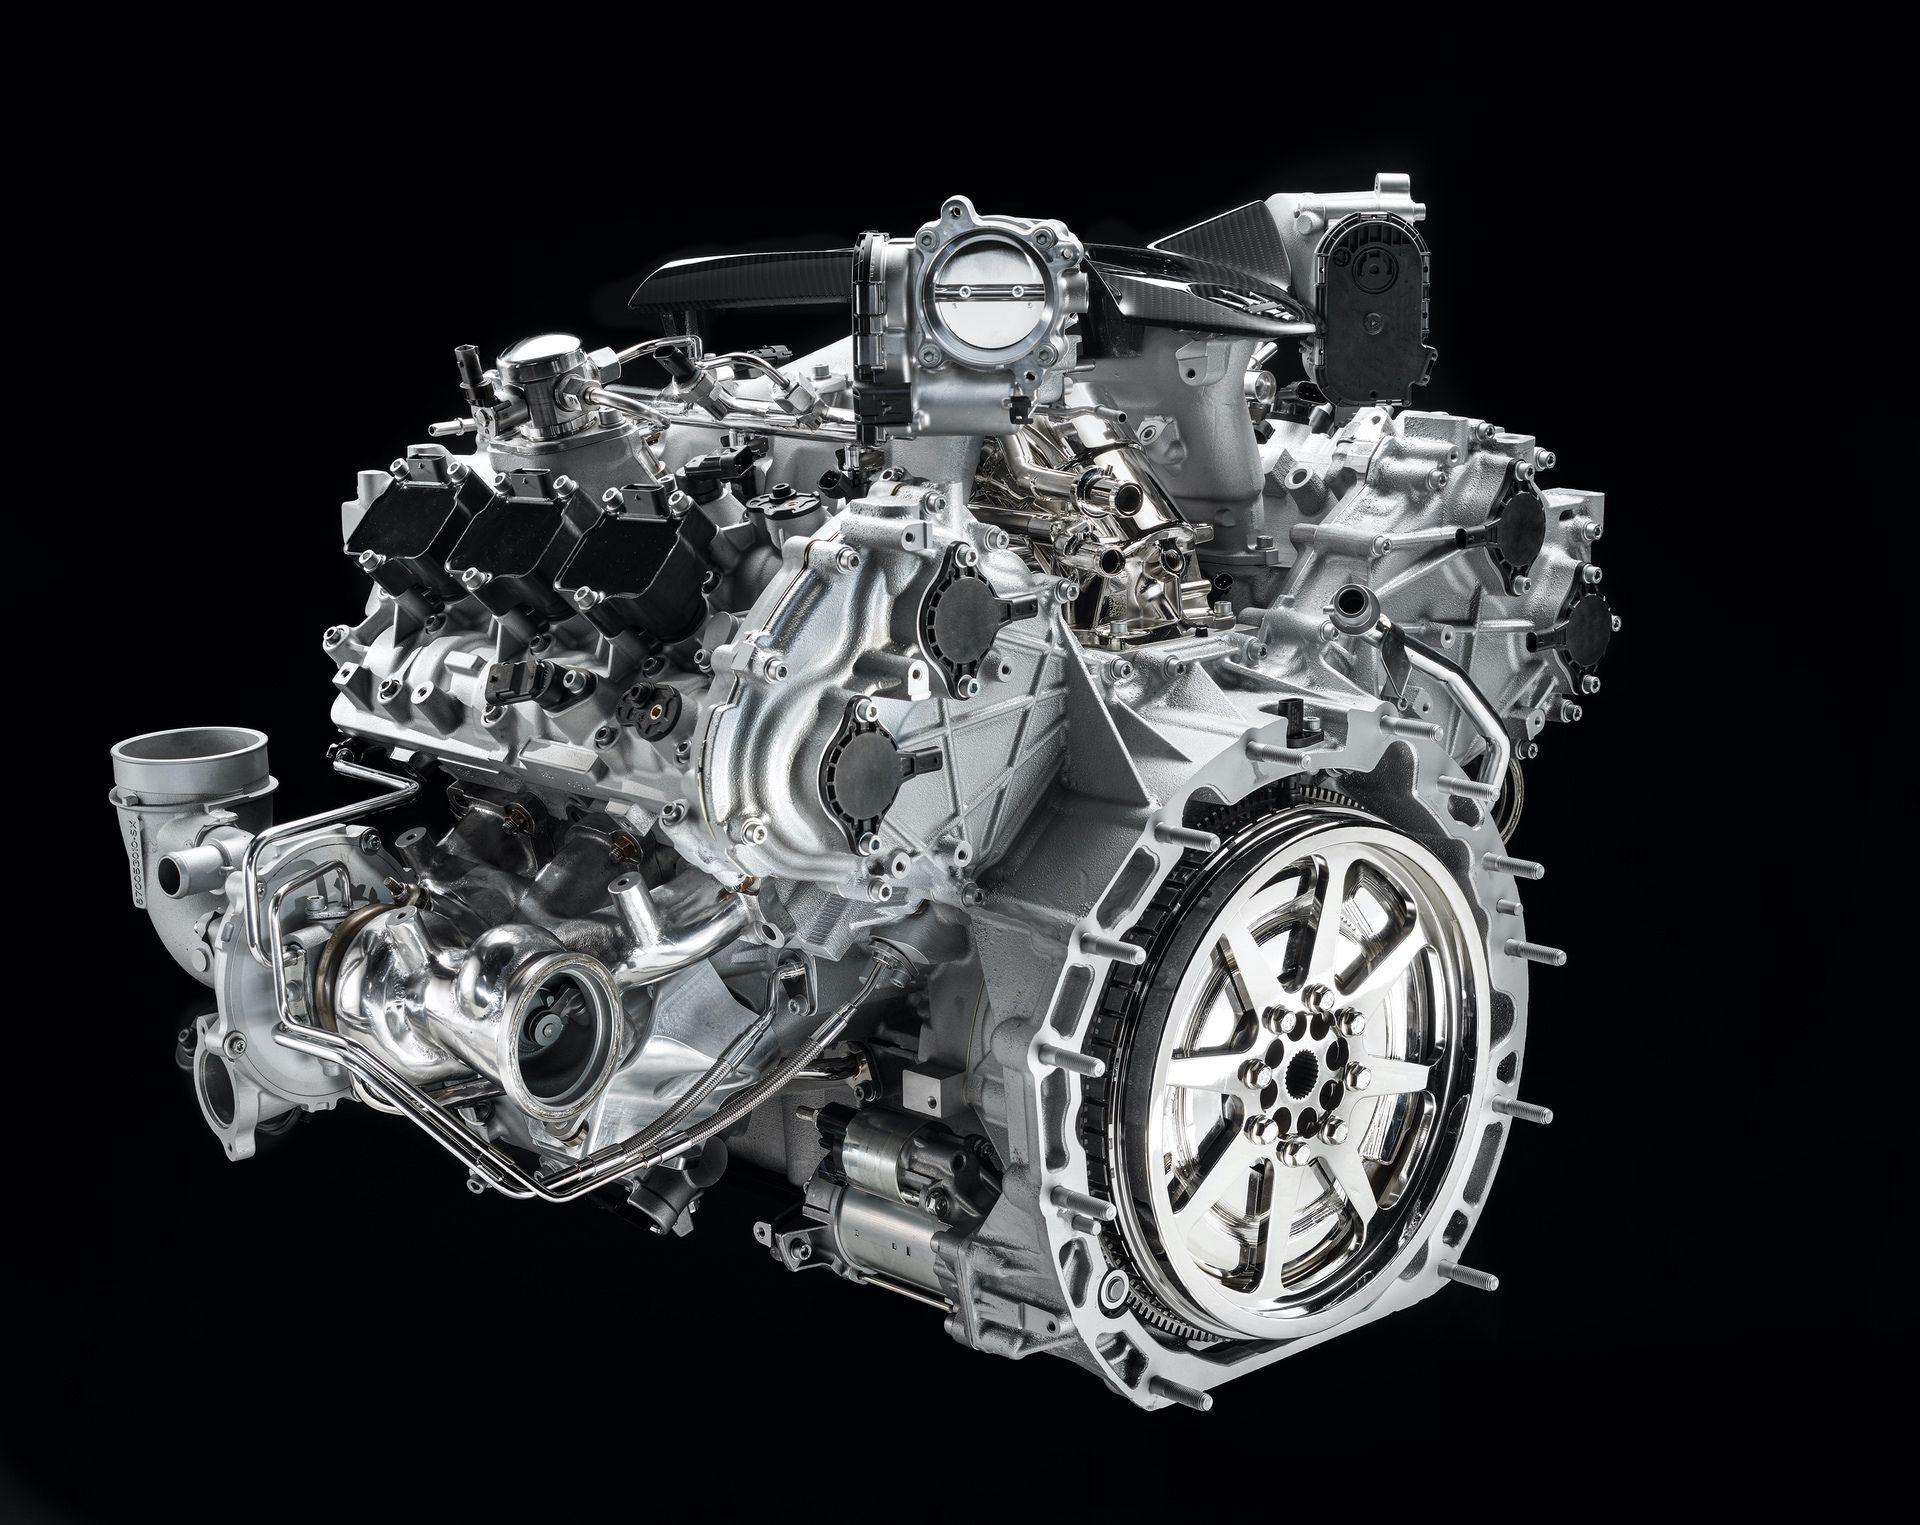 Maserati_Nettuno_engine_0002